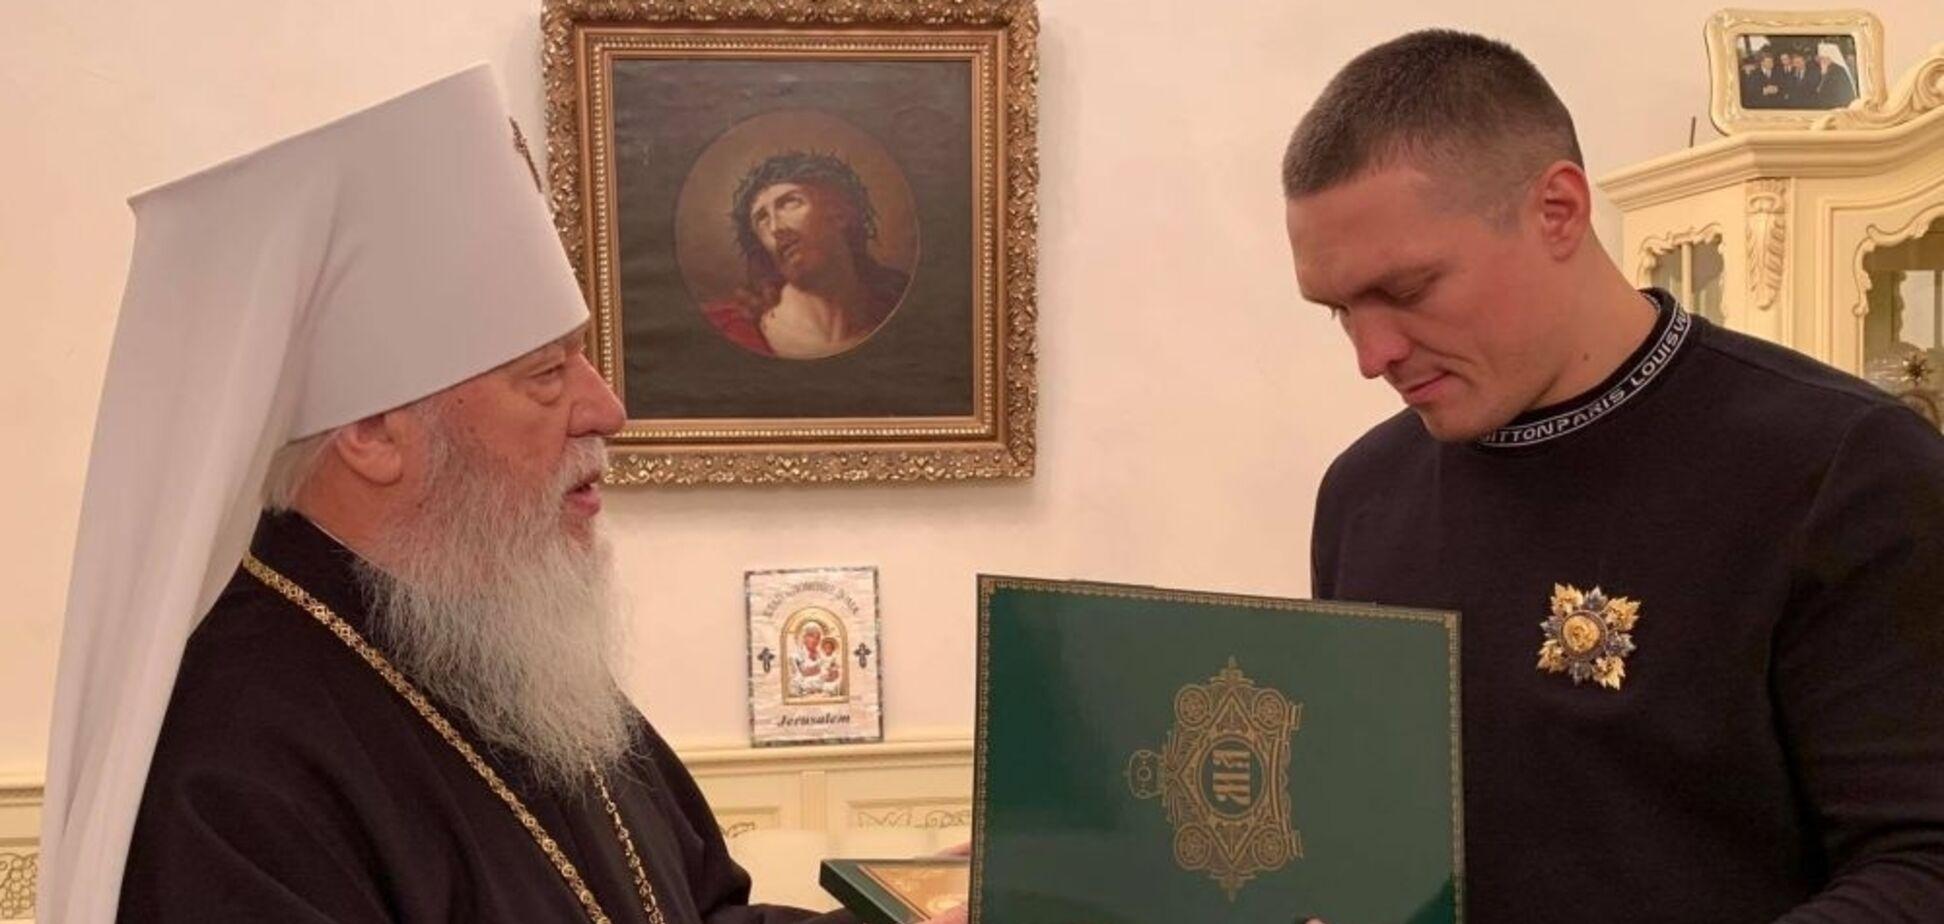 Усик попросил благословения у митрополита РПЦ в Украине